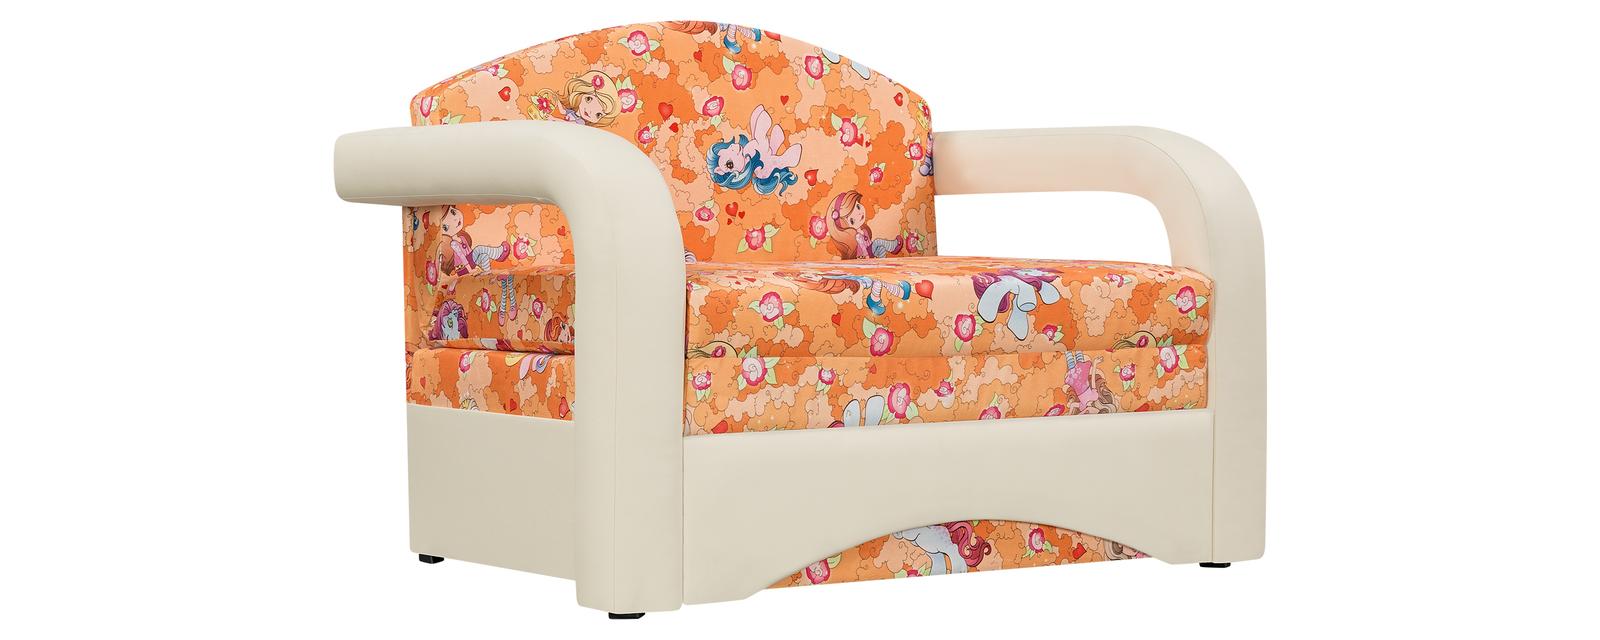 Кресло тканевое Эдем Pony оранжевый (Микровелюр + Экокожа) Эдем